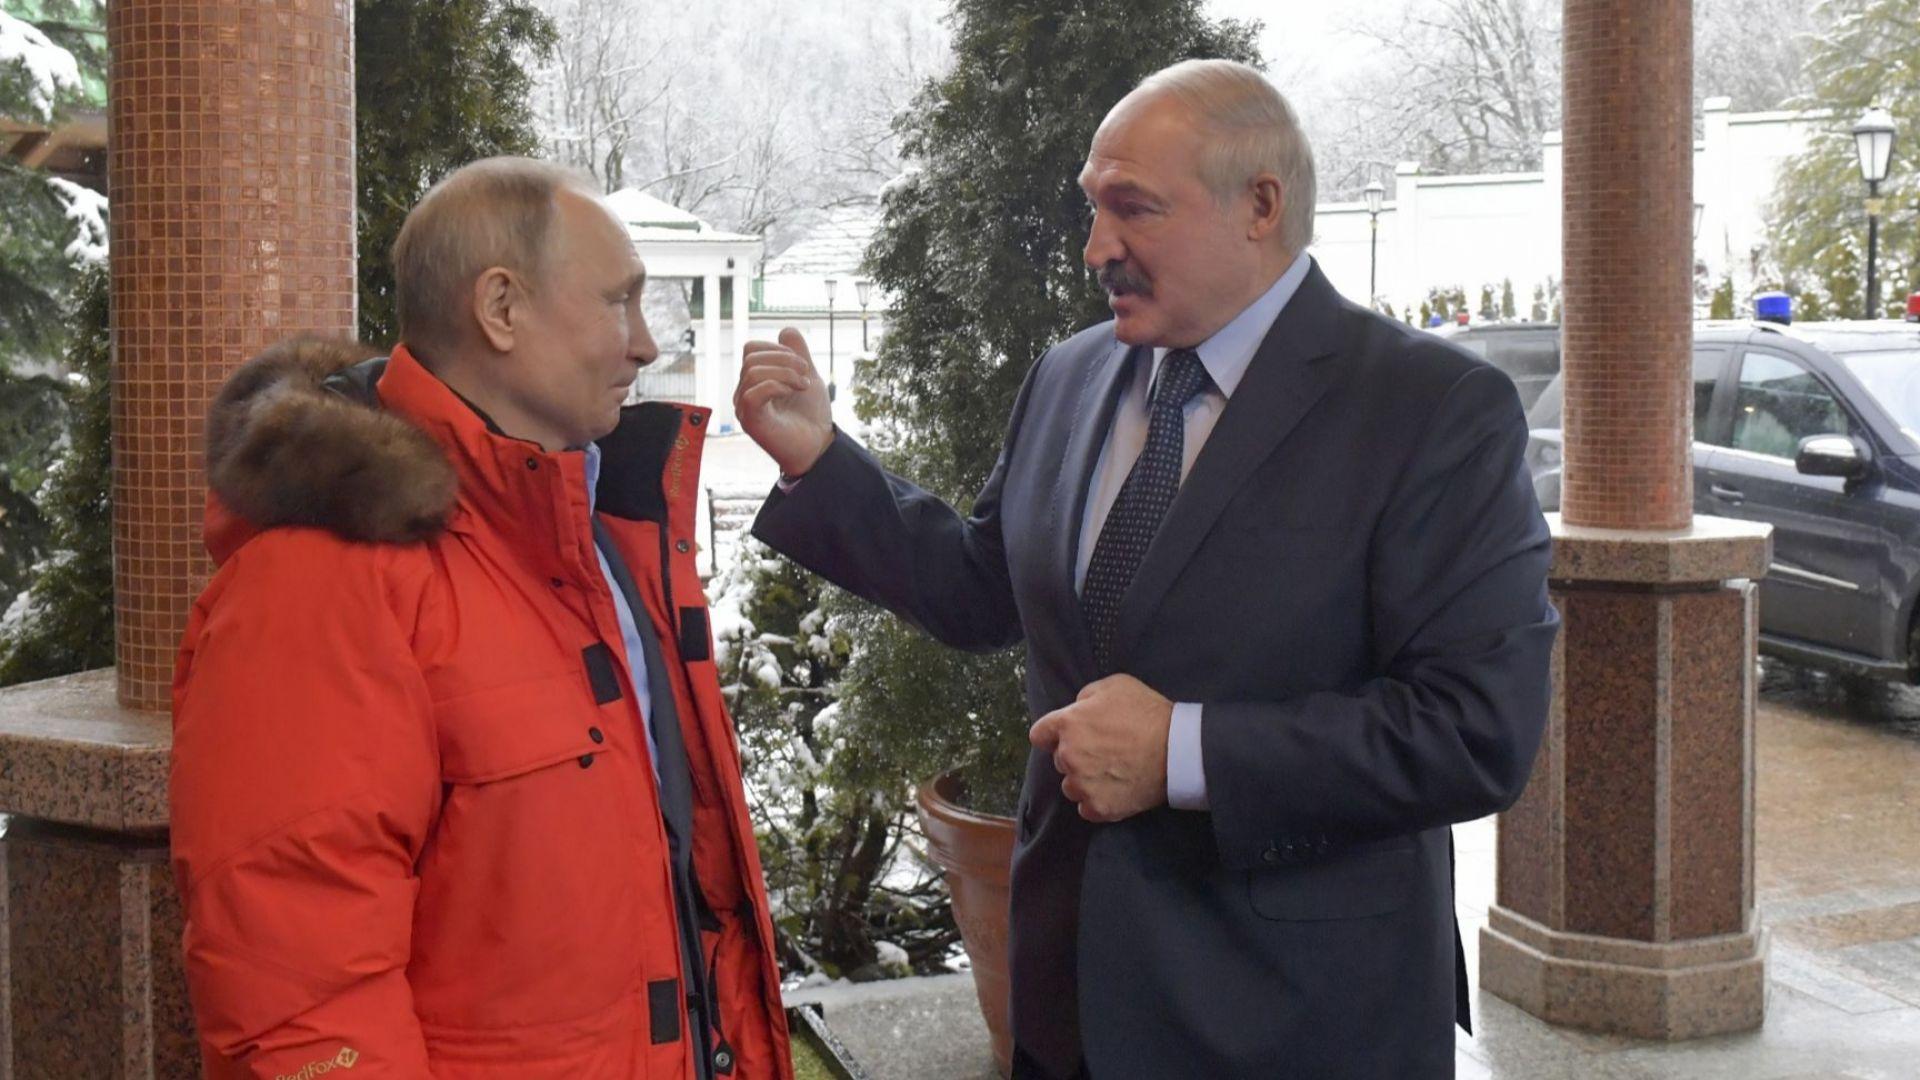 Путин и Лукашенко не се споразумяха по петролния спор, но играха хокей (снимки)